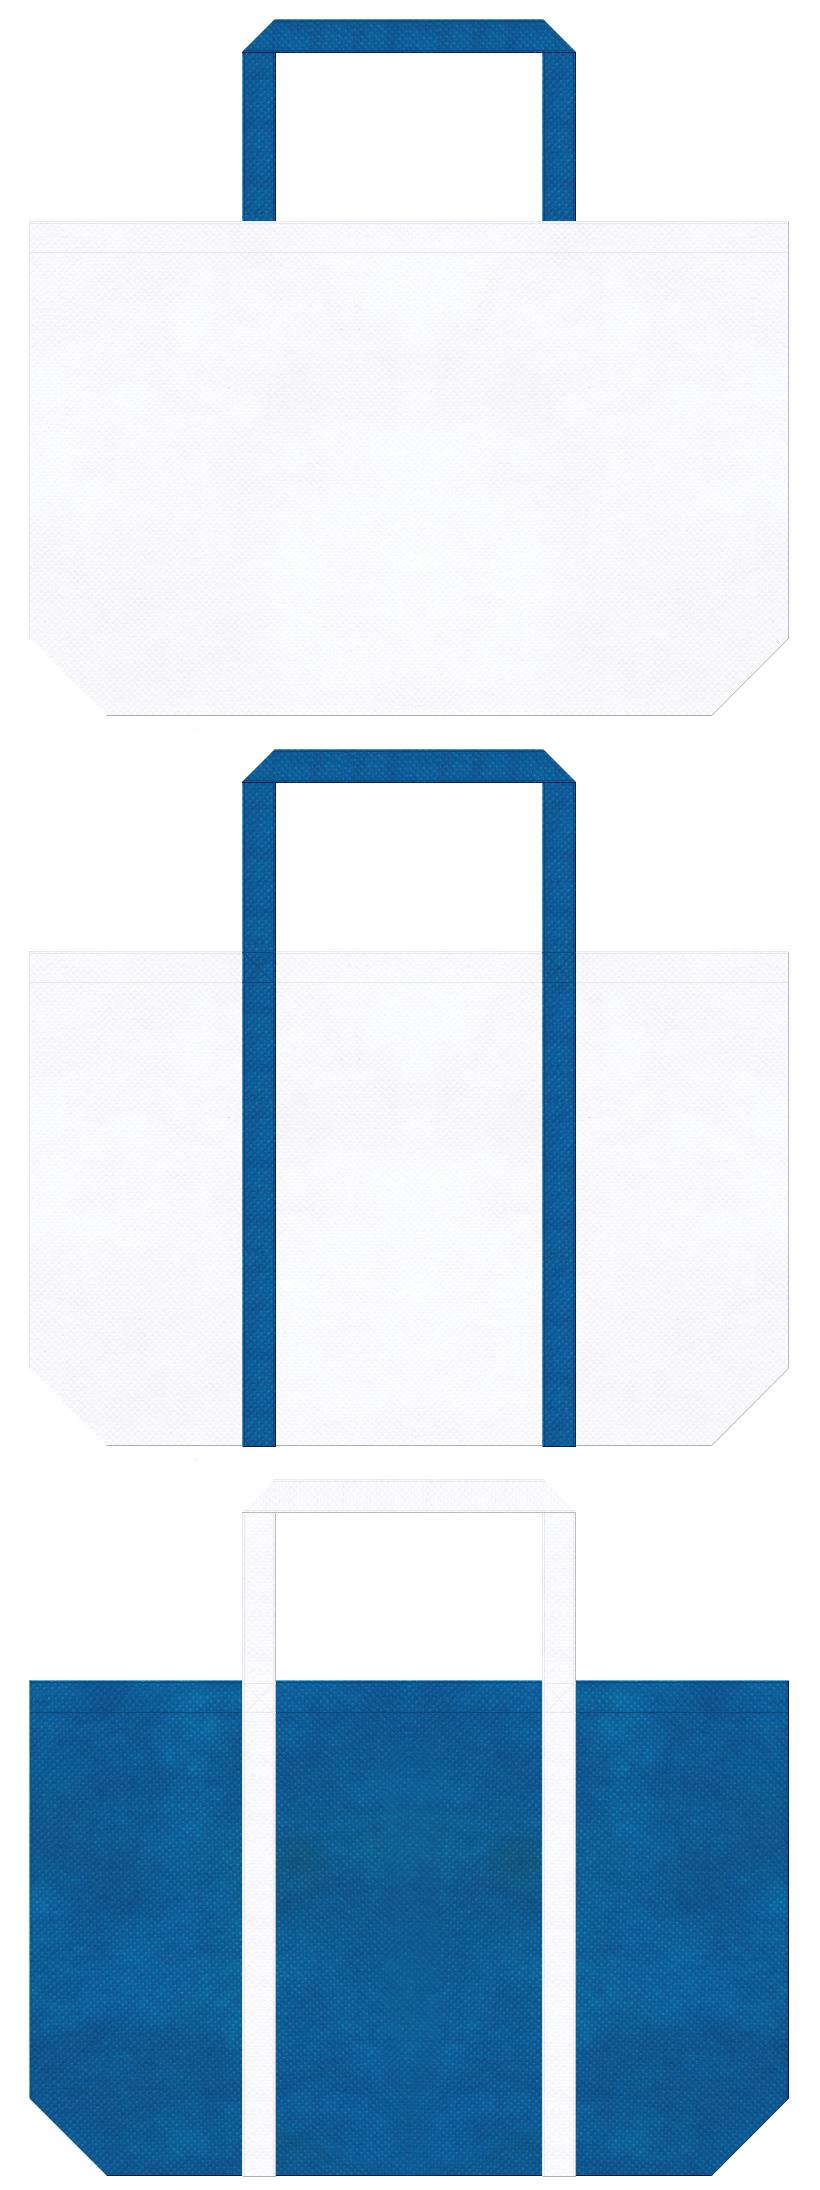 白色と青色の不織布バッグデザイン:ビーチパラソル風の配色で、マリンファッション・ビーチグッズのショッピングバッグにお奨めです。